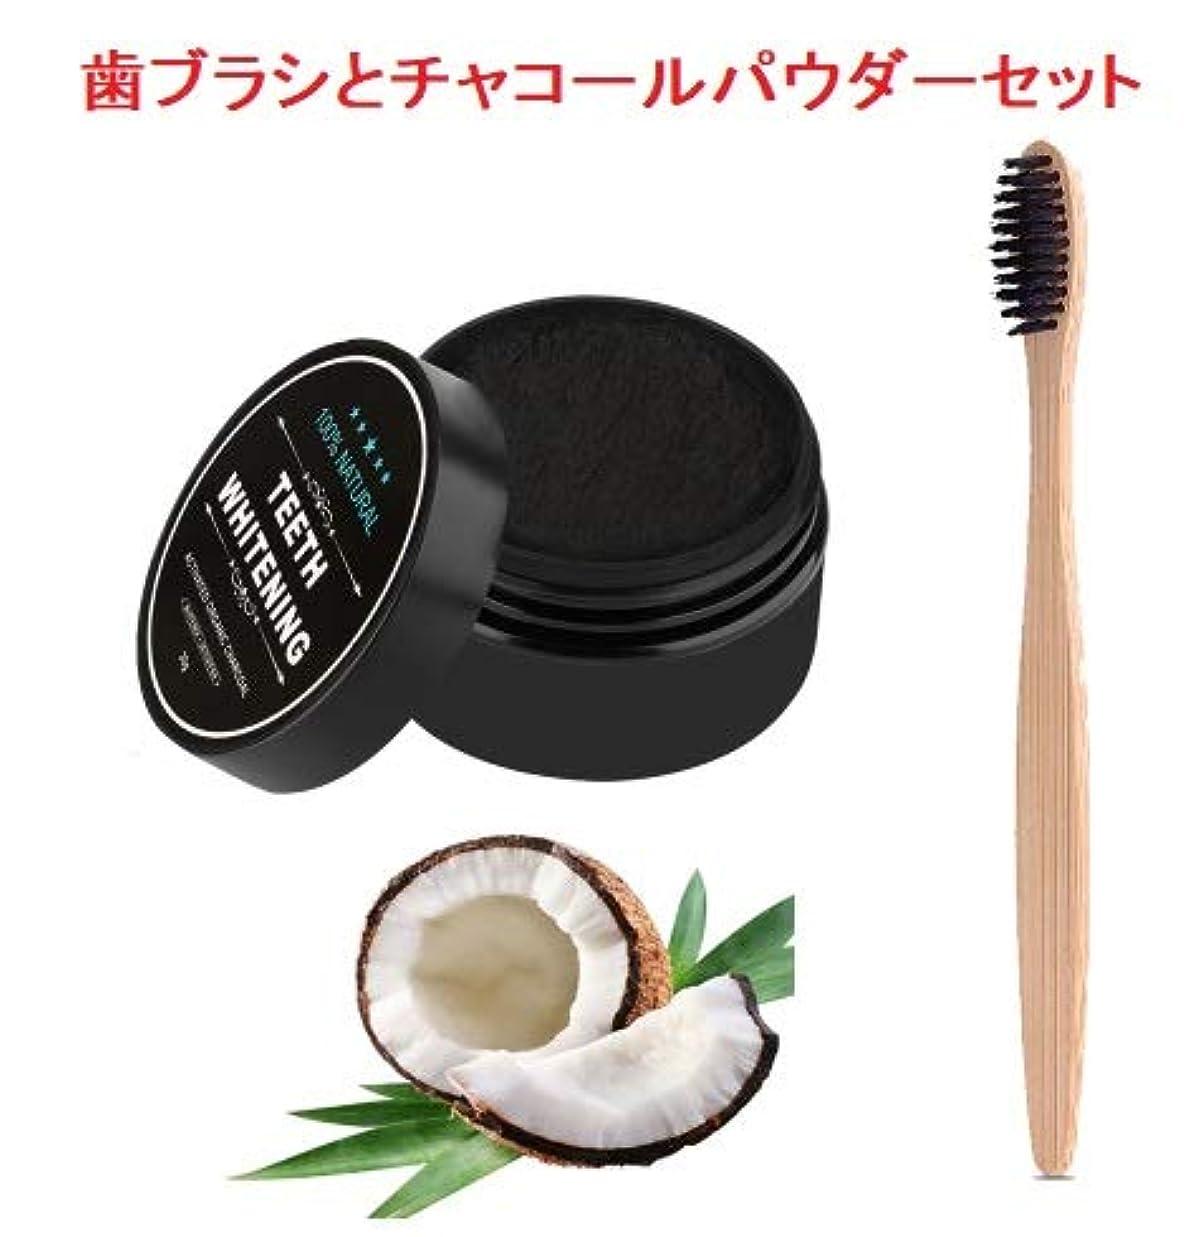 省略する毎週アンタゴニストIzmirli Bamboo Charcoal and Wooden Toothbrush Set - Izmirli竹炭と木製の歯ブラシセット